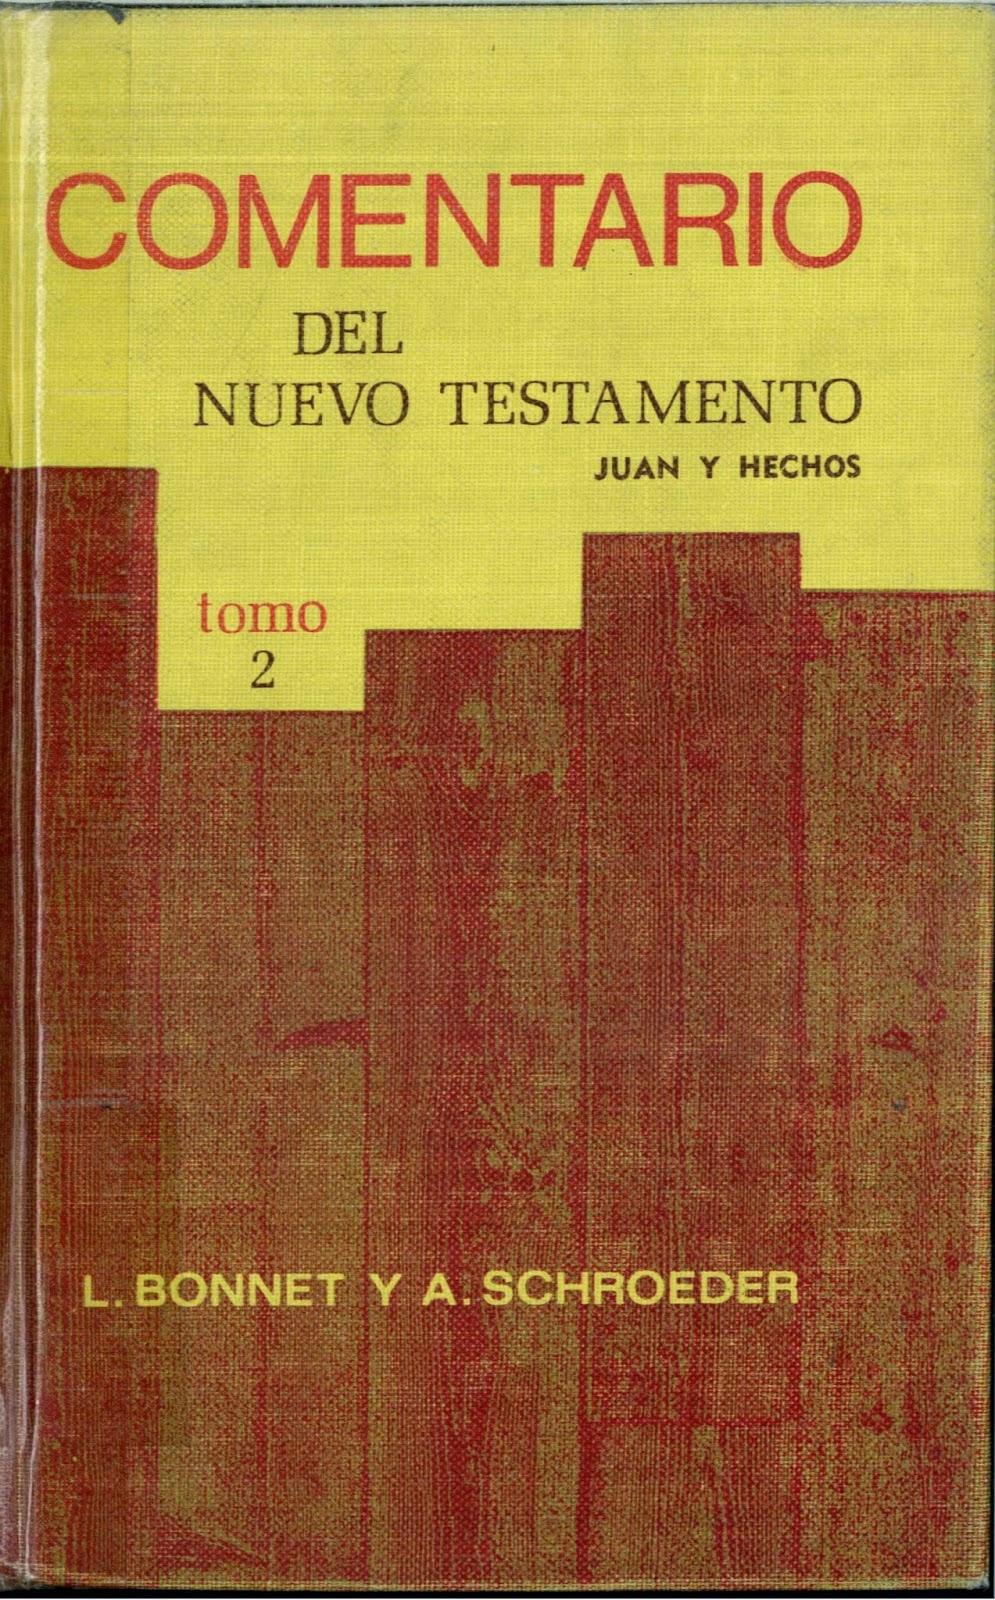 L. Bonnet y A. Schroeder-Comentario Del Nuevo Testamento-Tomo 2-Juan y Hechos-